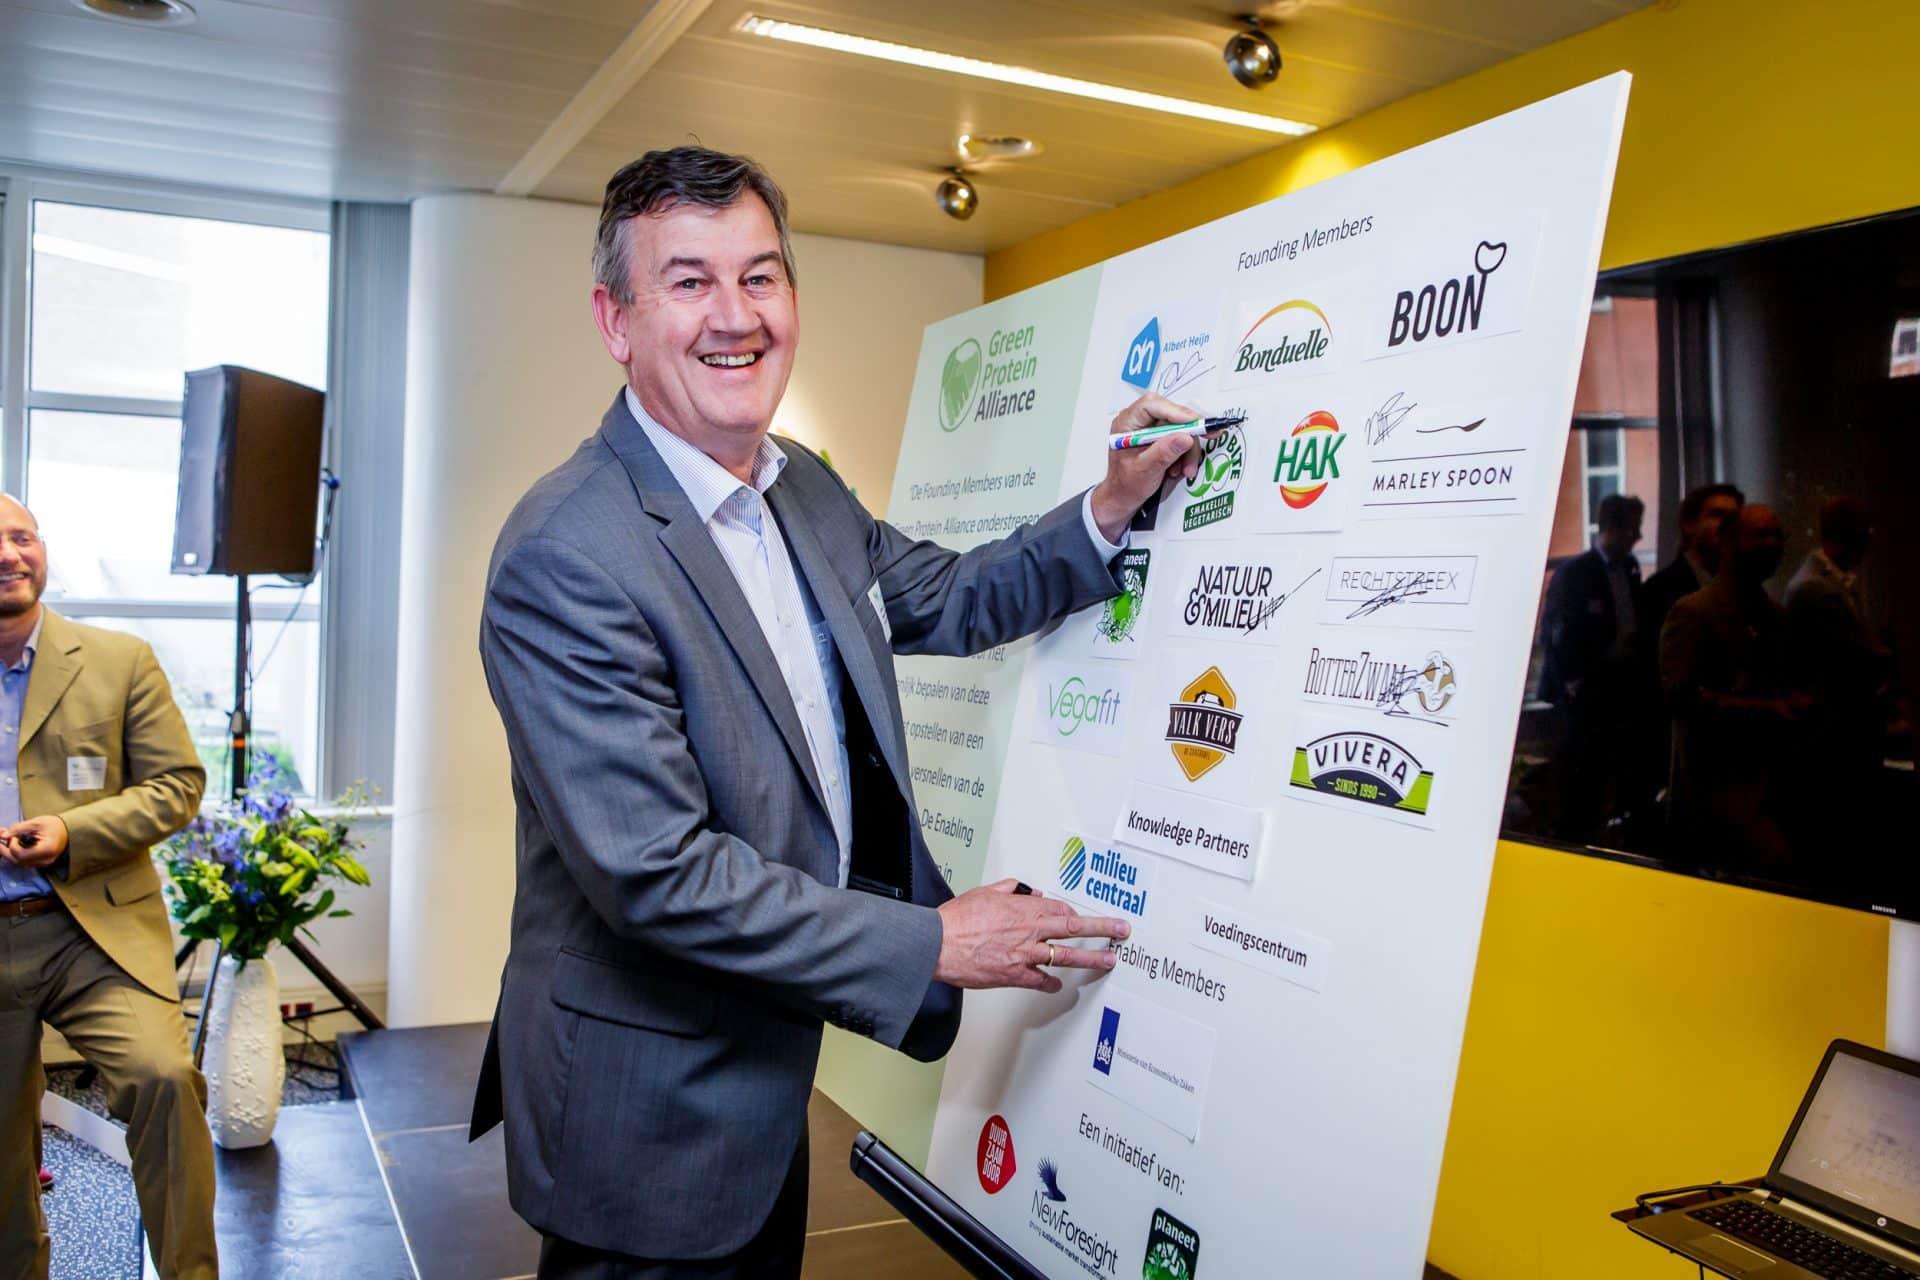 Green Protein Alliance - Directeur Henk Schouten tekent GPA convenant